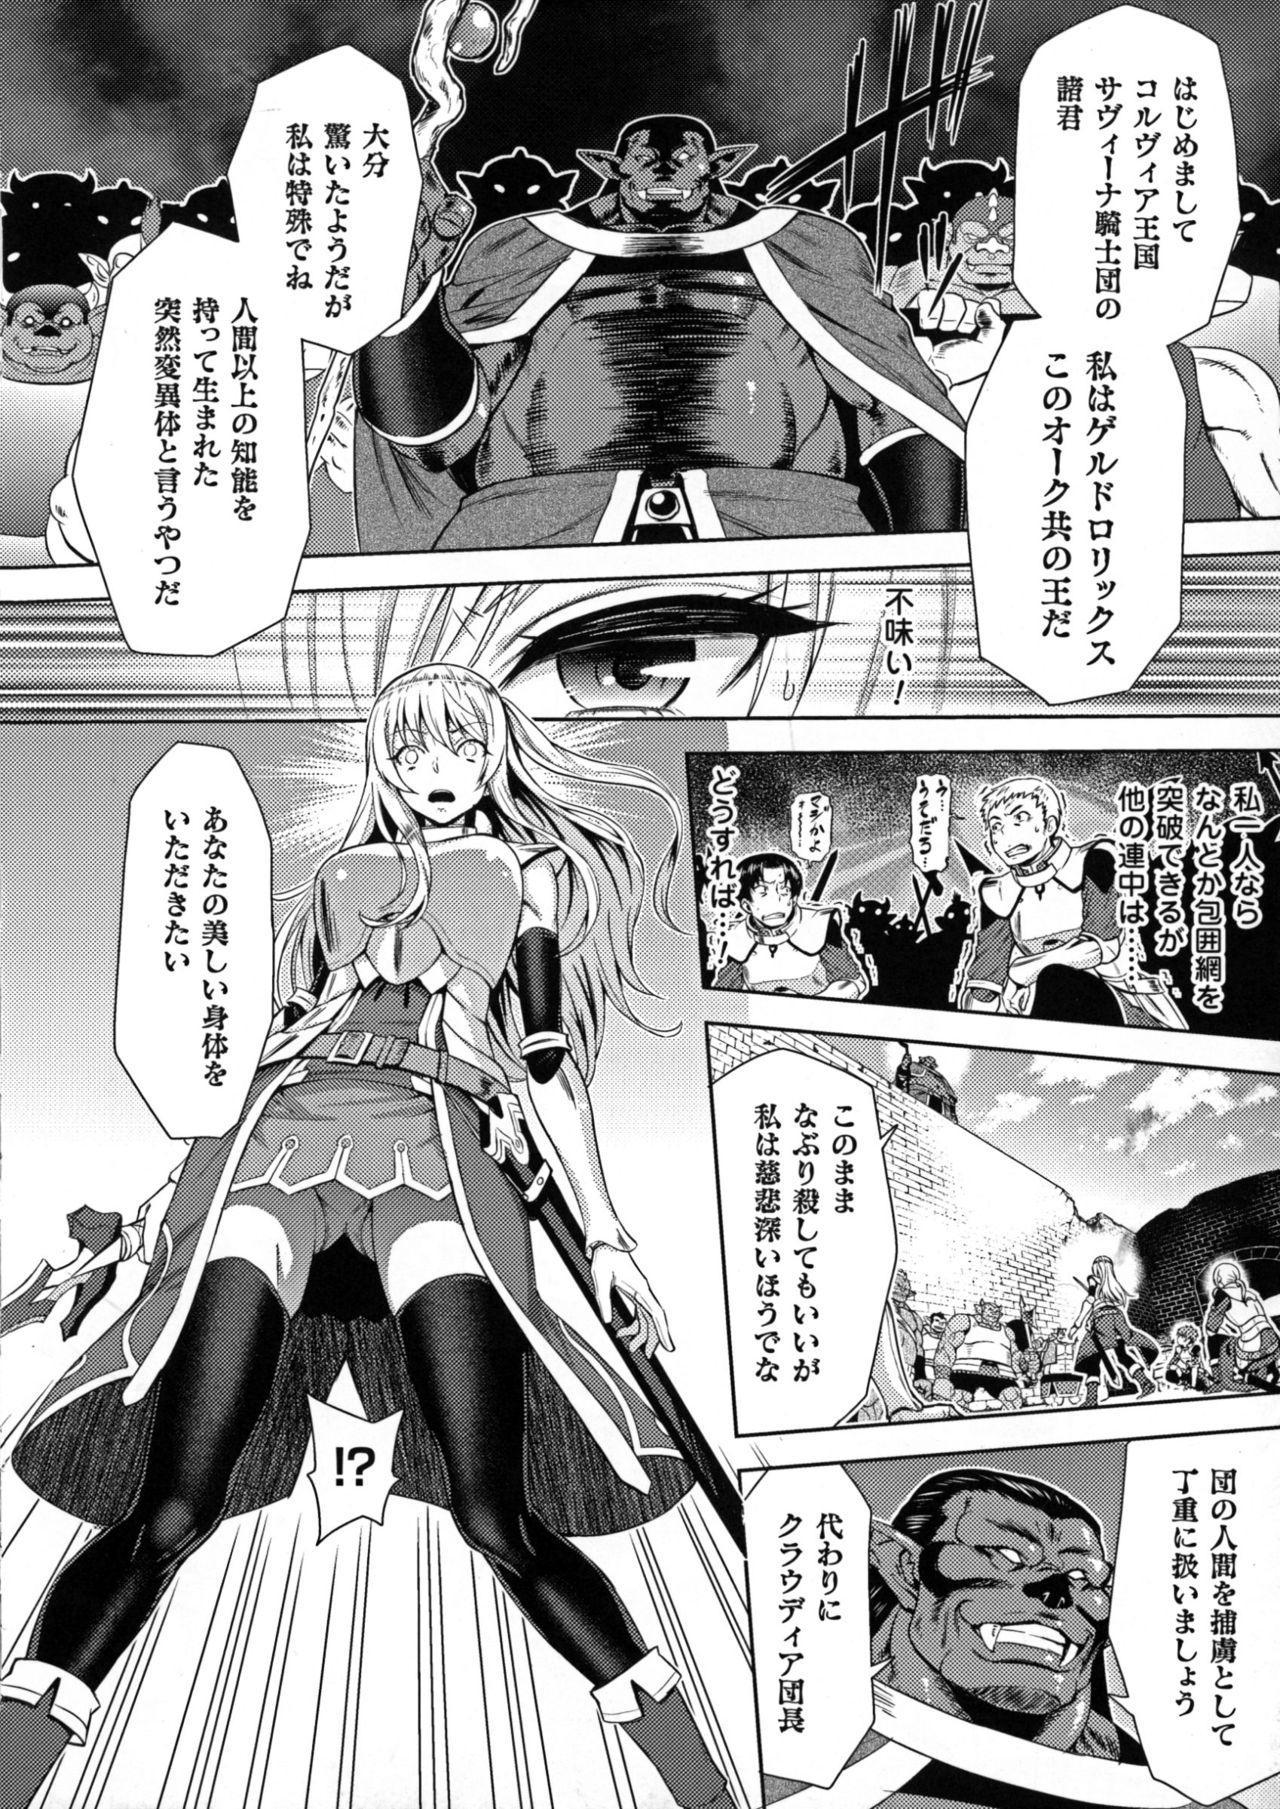 ERONA Orc no Inmon ni Okasareta Onna Kishi no Matsuro 7